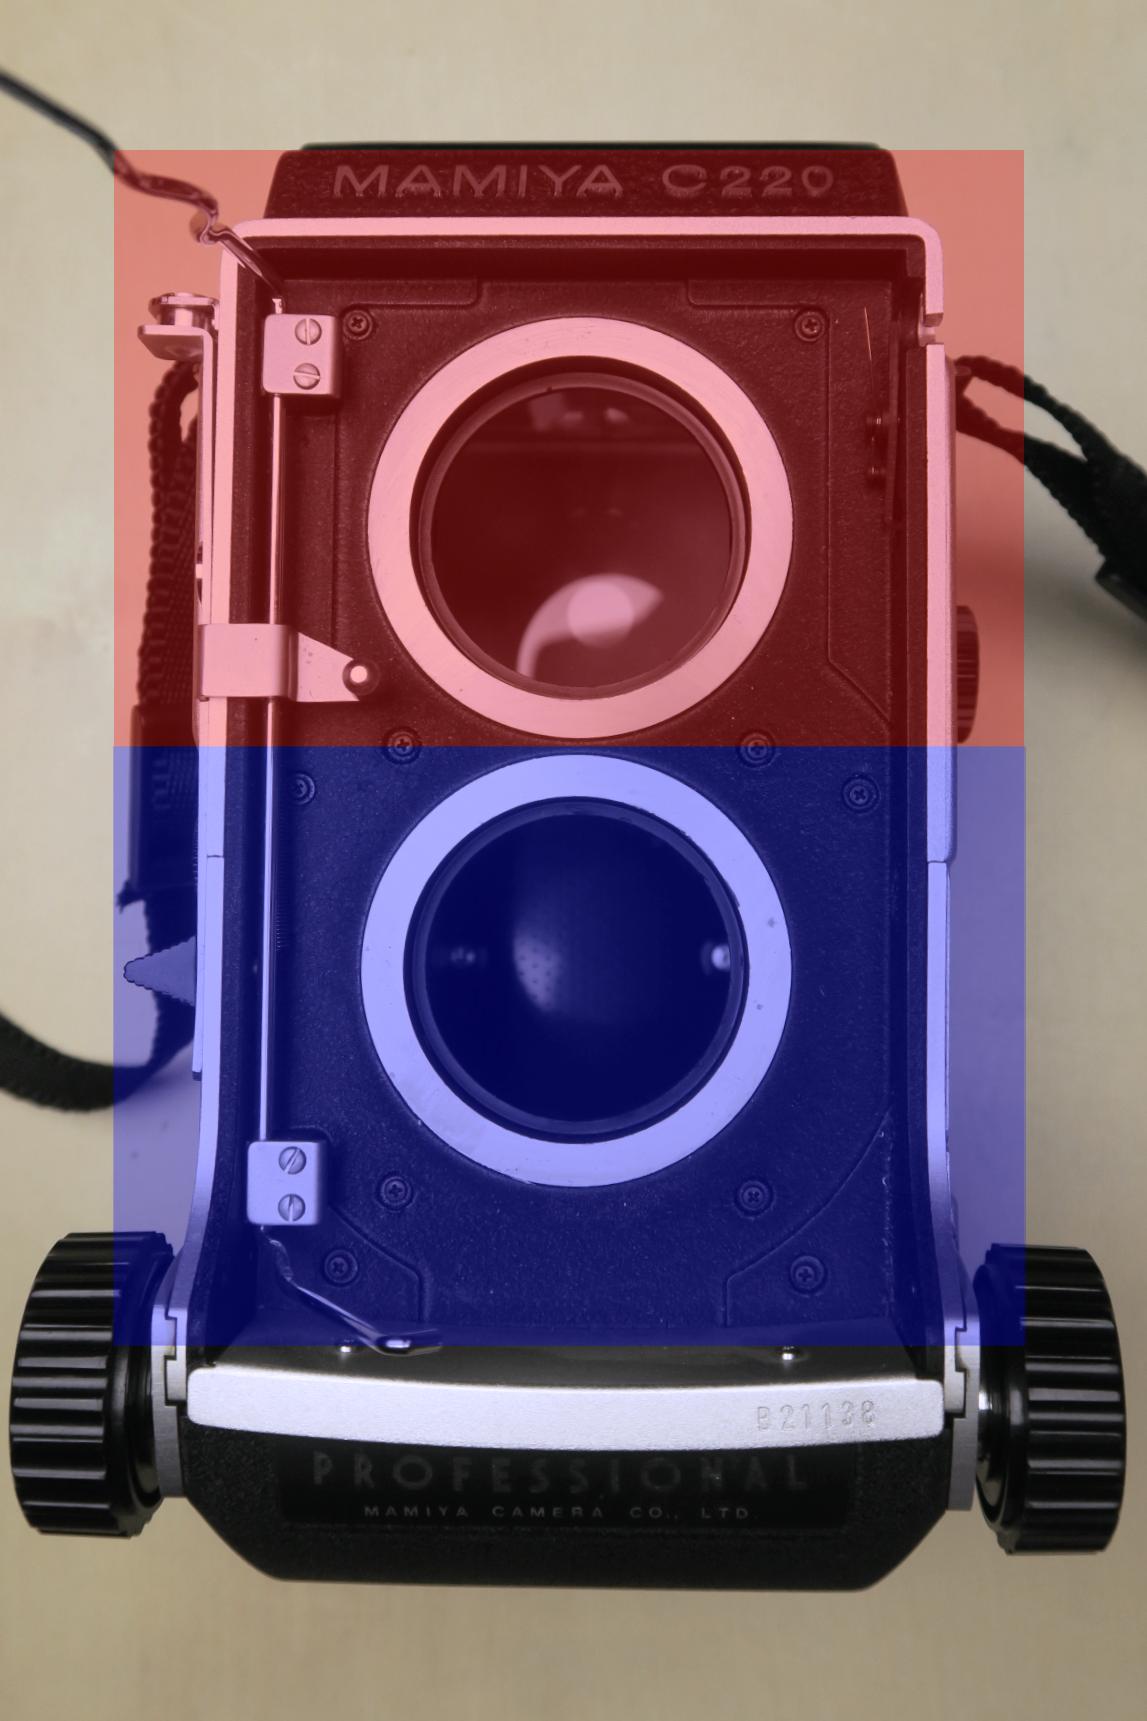 Front des zweigeteilten Kameragehäuses mit demontierter Optik. Oben: Lichtschachtsucher mit einfachem Spiegel (rot). Unten: Belichtungskorpus mit Filmrückteil (blau).